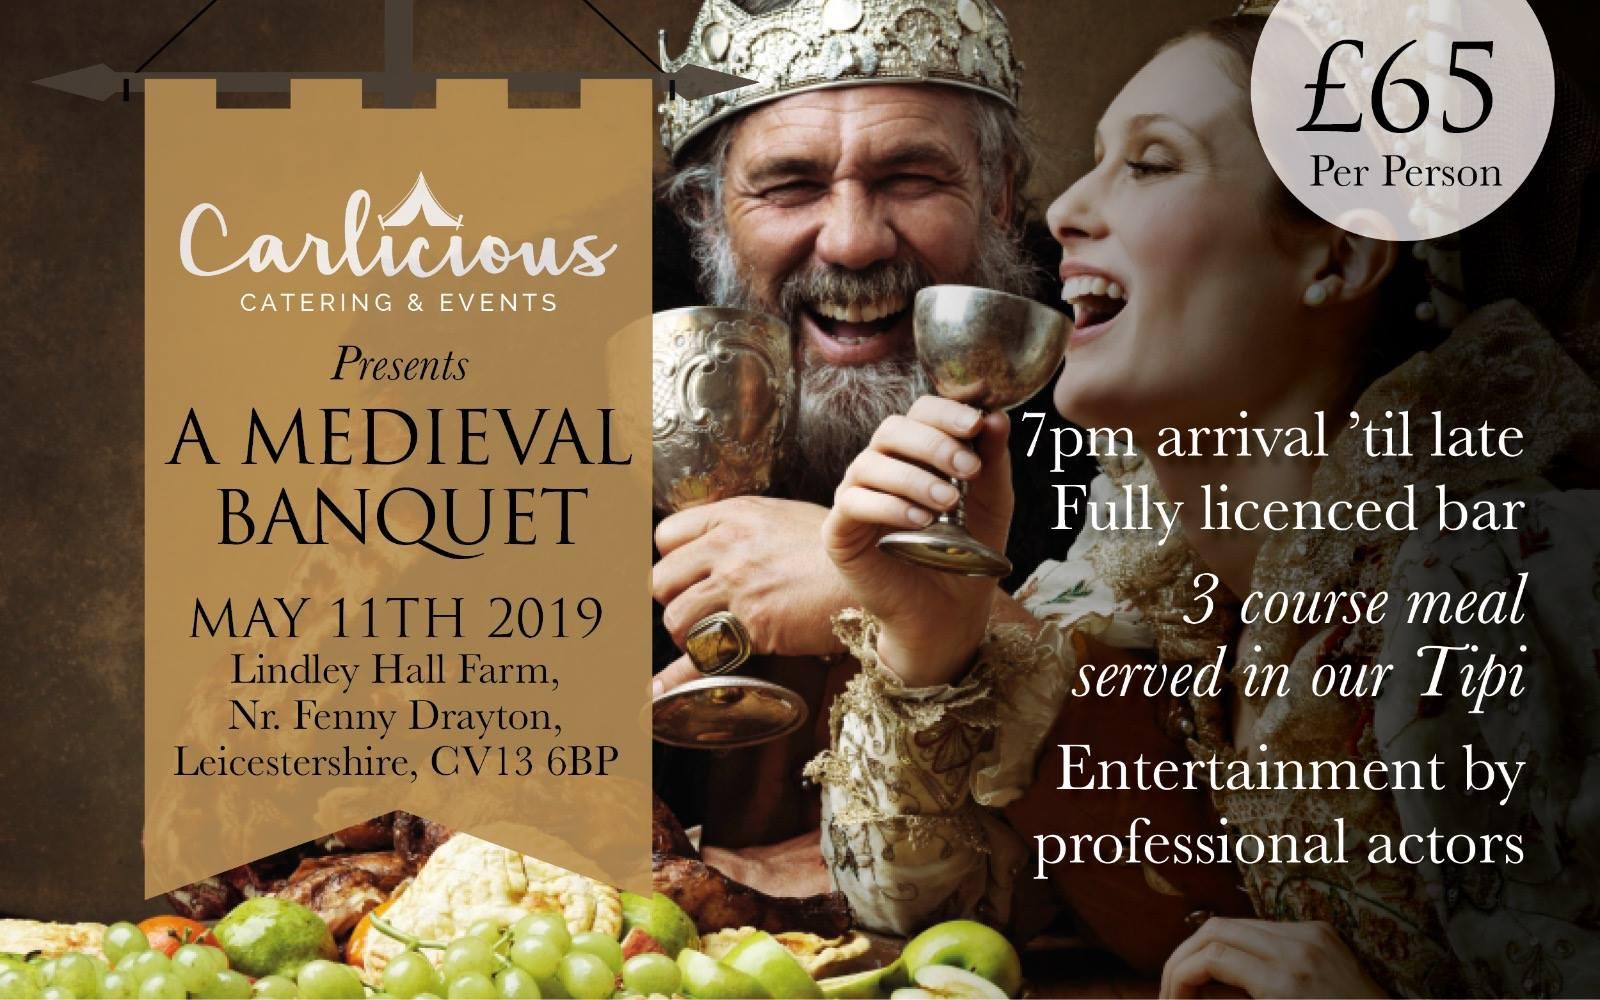 Carlicious Medieval banquet